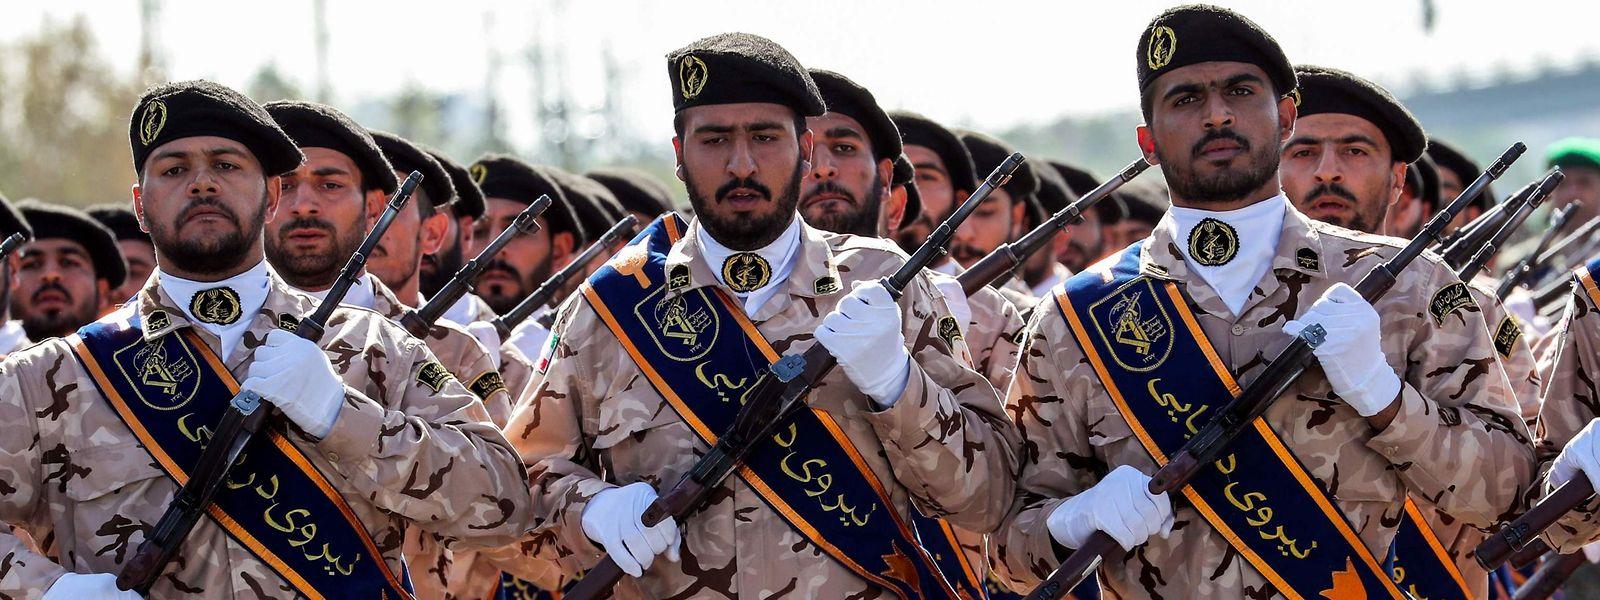 Die Militärparade fand in der Stadt Ahwas im Südwesten des Irans statt.